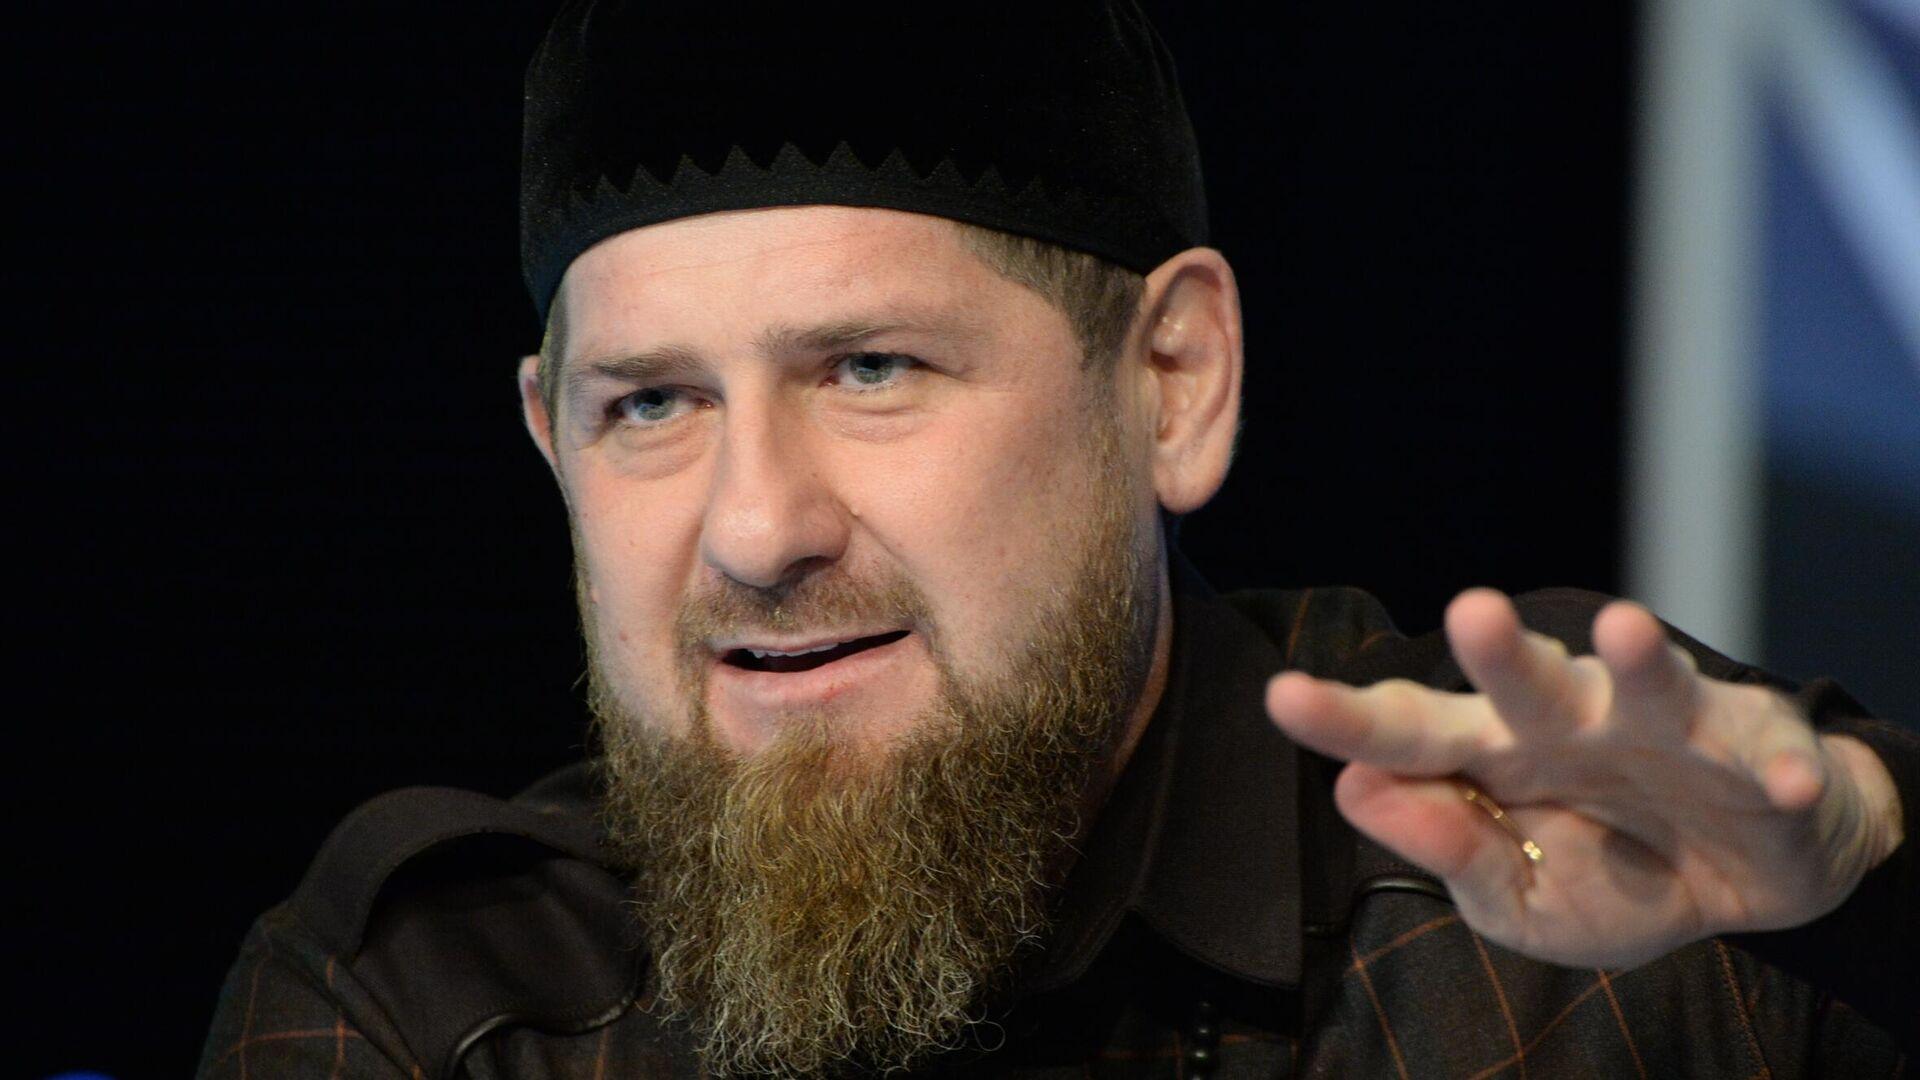 Глава Чеченской Республики Рамзан Кадыров на пресс-конференции в студии телеканала Грозный - РИА Новости, 1920, 01.04.2021